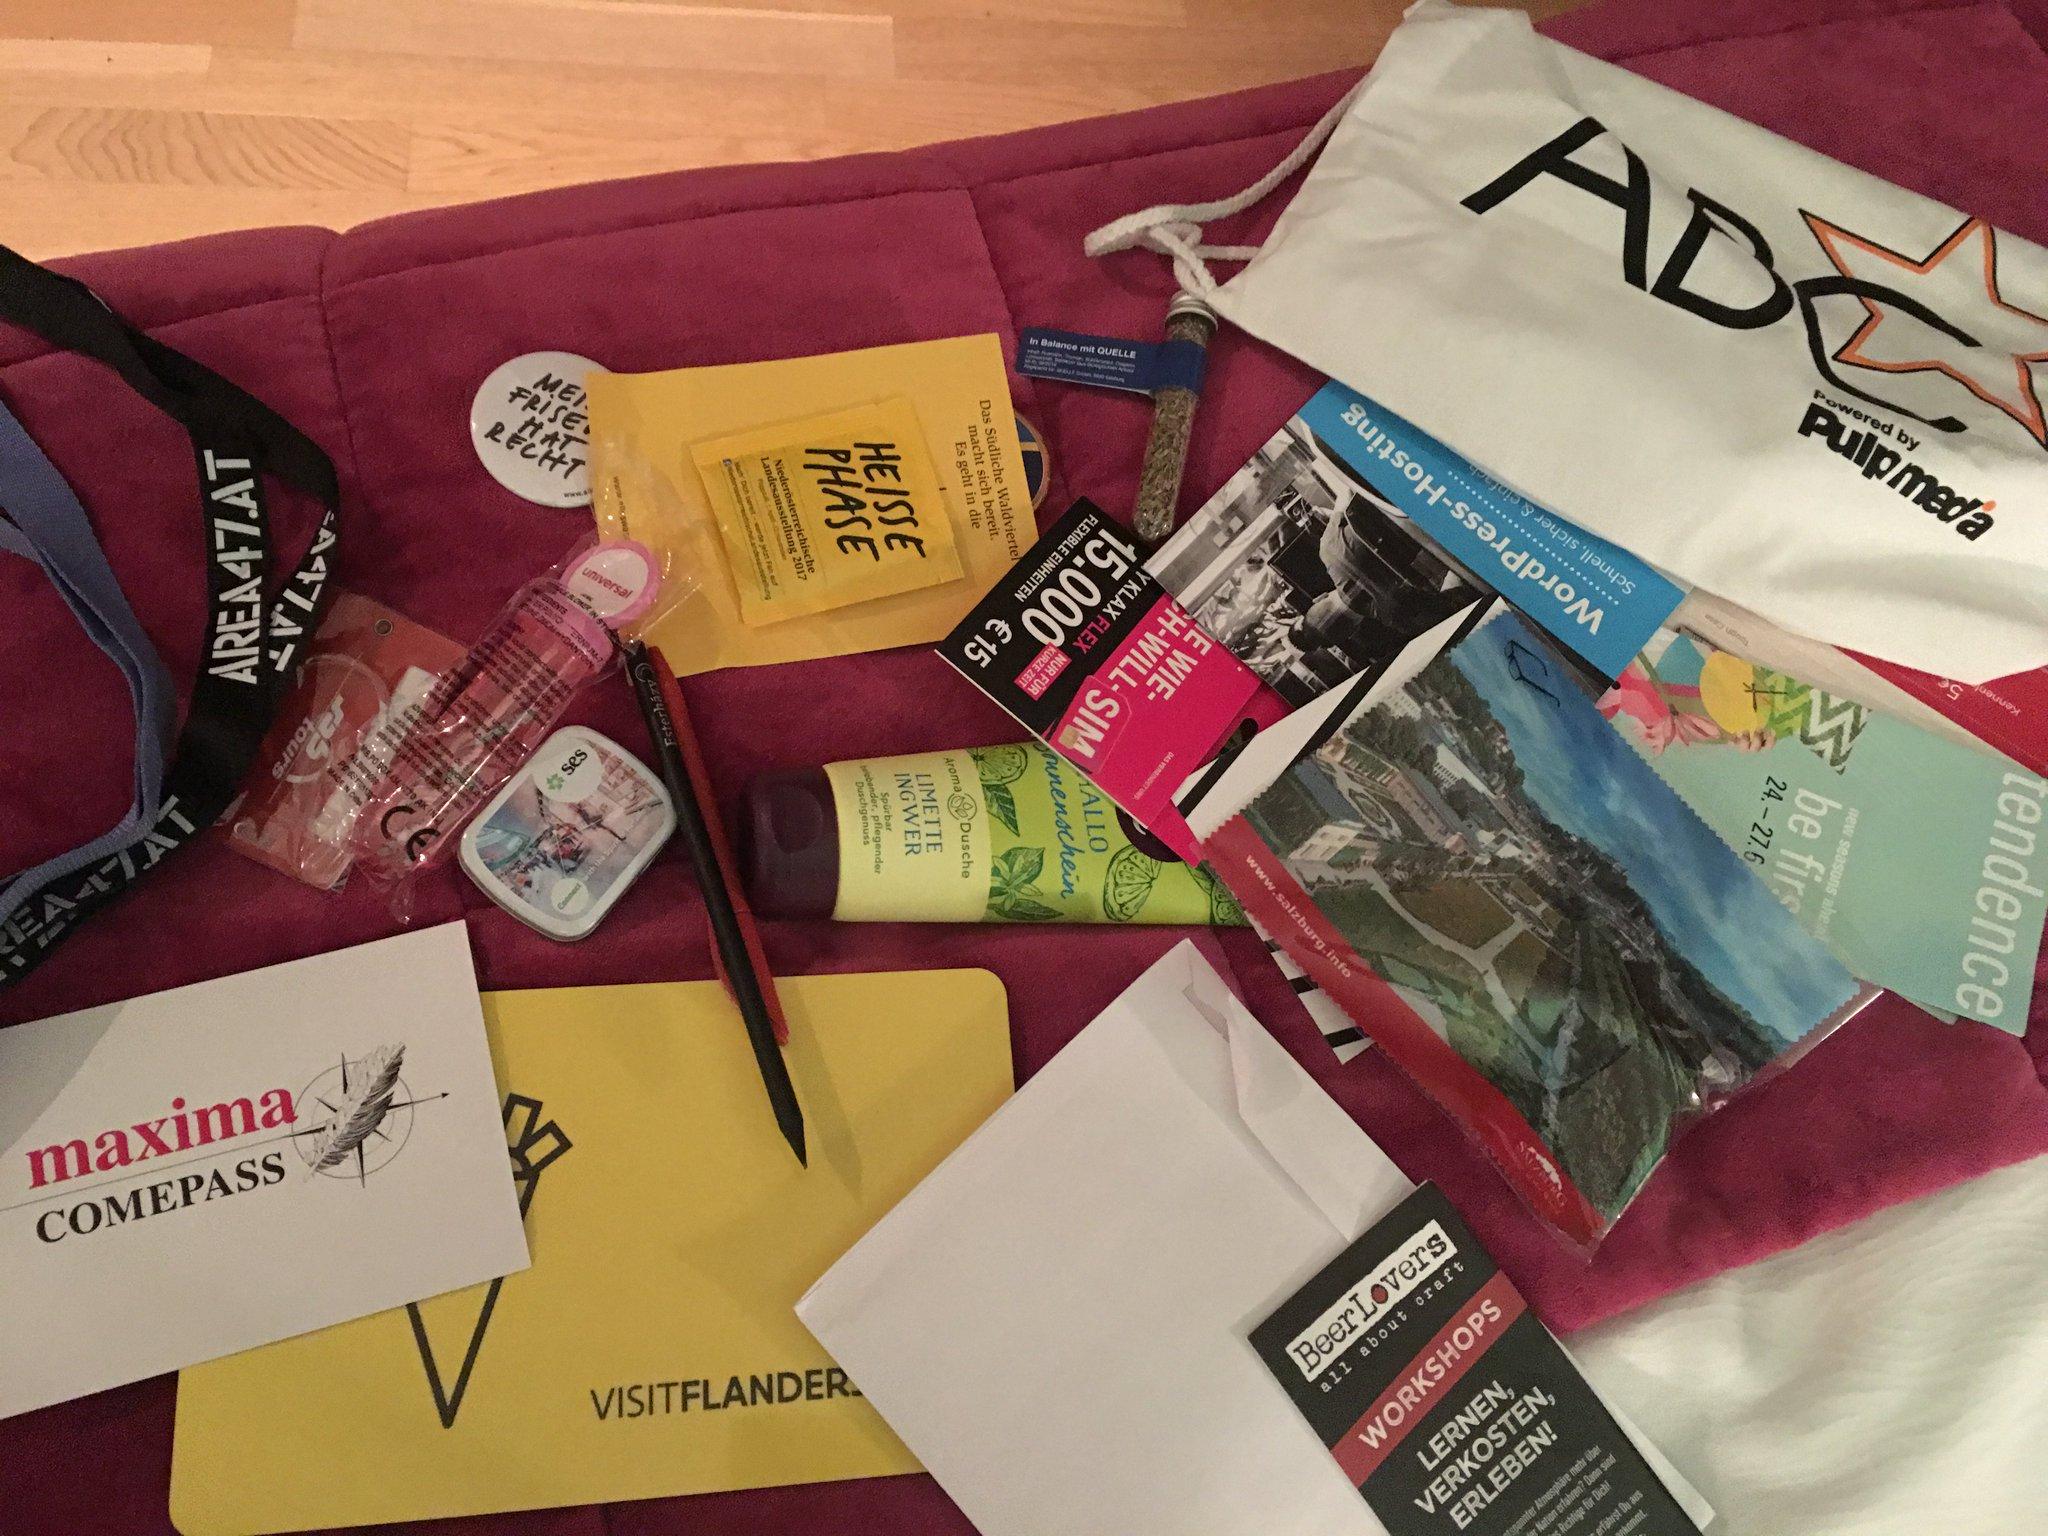 Mal in Ruhe die goodies angucken von der #abcstar Davon können wir einiges sehr gut gebrauchen #meurers Danke an die Sponsoren! https://t.co/p06bgurV8C